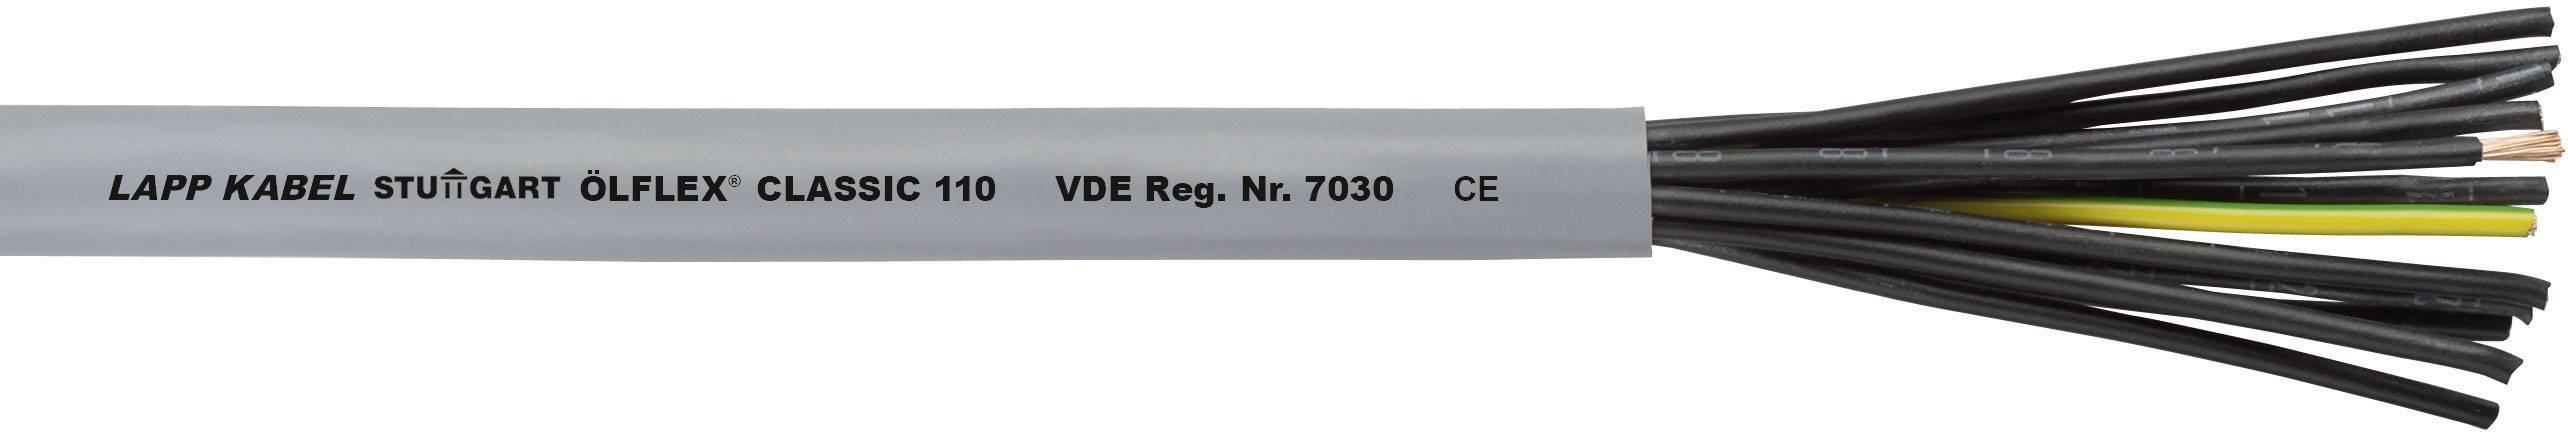 Riadiaci kábel LappKabel ÖLFLEX® CLASSIC 110 1119803, 3 x 0.75 mm², vonkajší Ø 5.70 mm, 500 V, metrový tovar, sivá